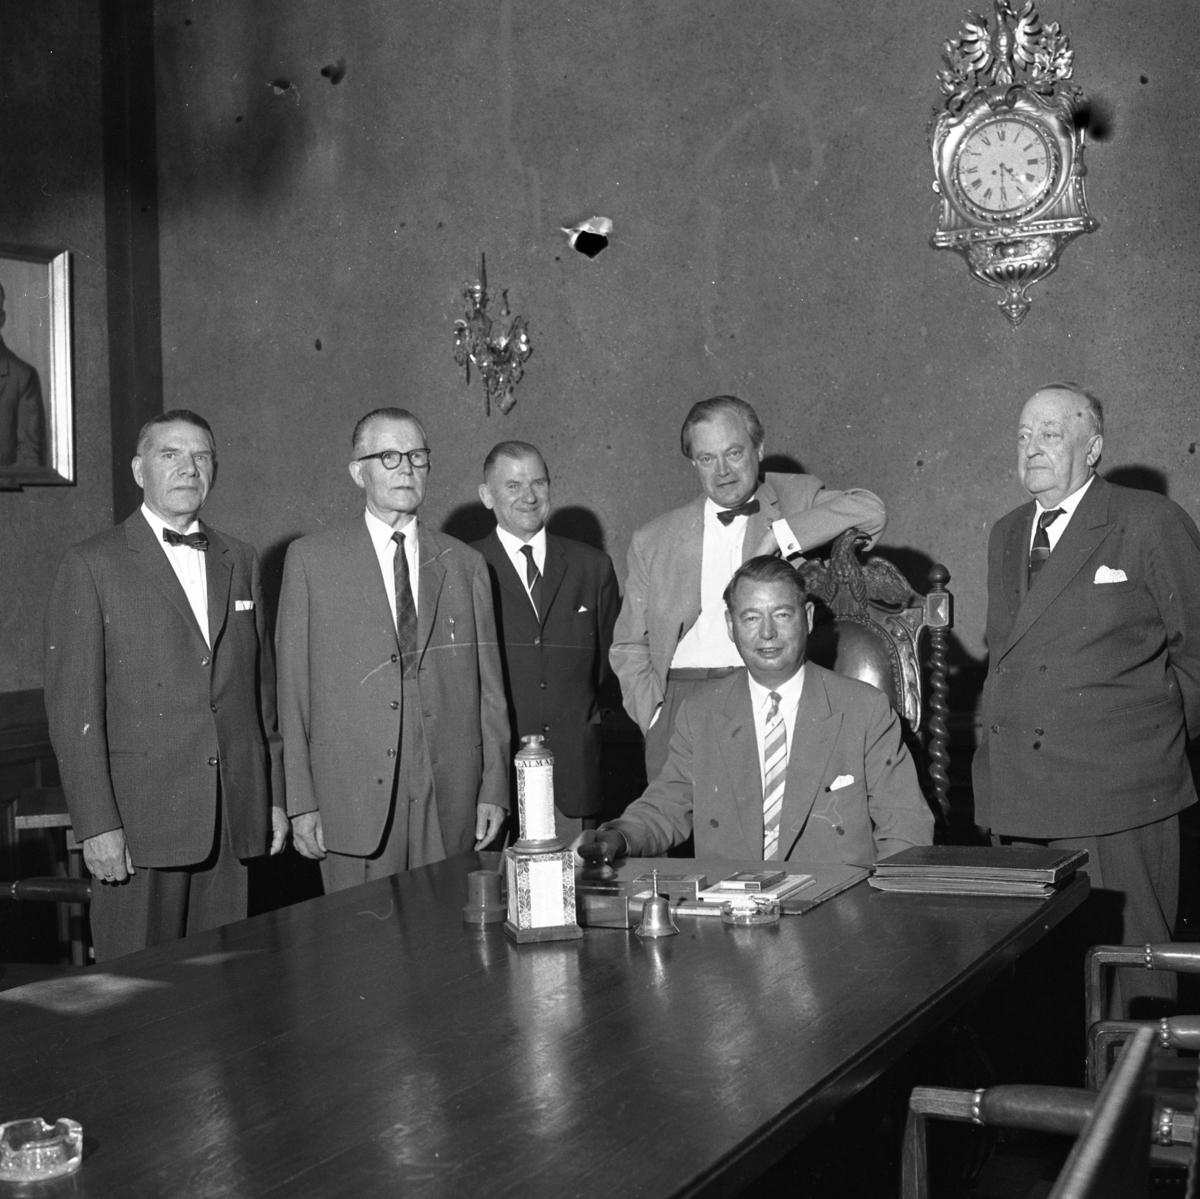 Styrelsen för Arboga-utställningen 1935 har 25-årsjubileum. Från vänster: Rudolf Ruster, Iwar Andersson, Bertil Post, Per Bohlin, Sven Lind (sittande) och Gösta Reuterswärd De befinner sig troligen på Rådhuset. (Om du söker på Arbogautställningen får du se många bilder därifrån)